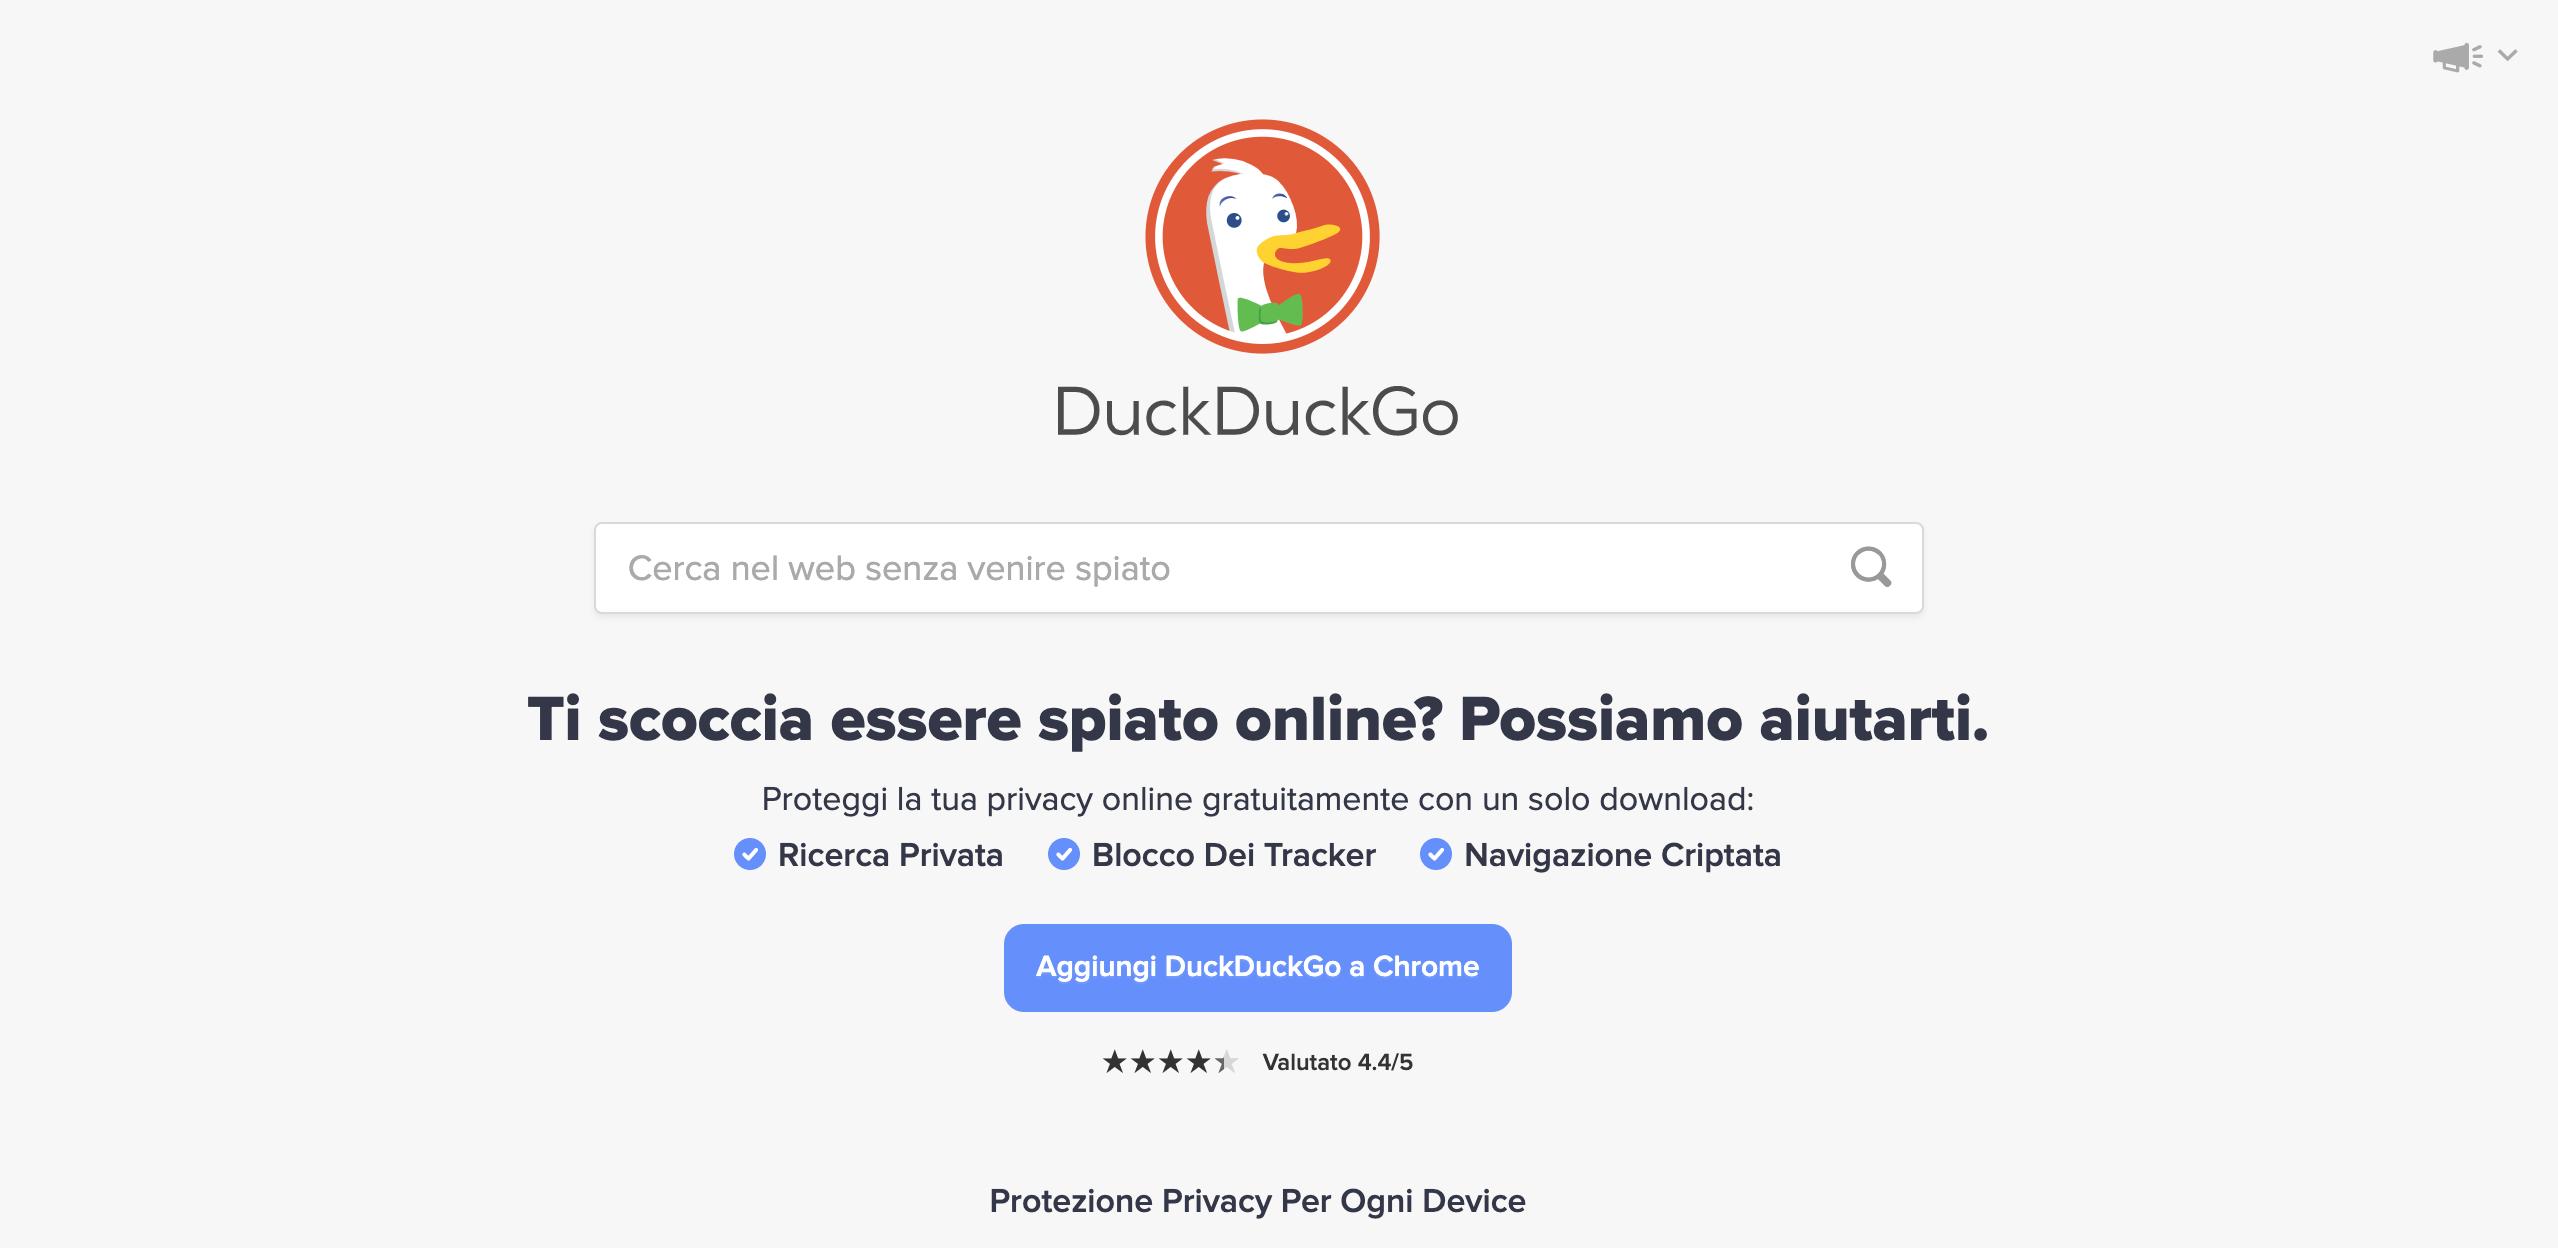 motore di ricerca DuckDuckGo